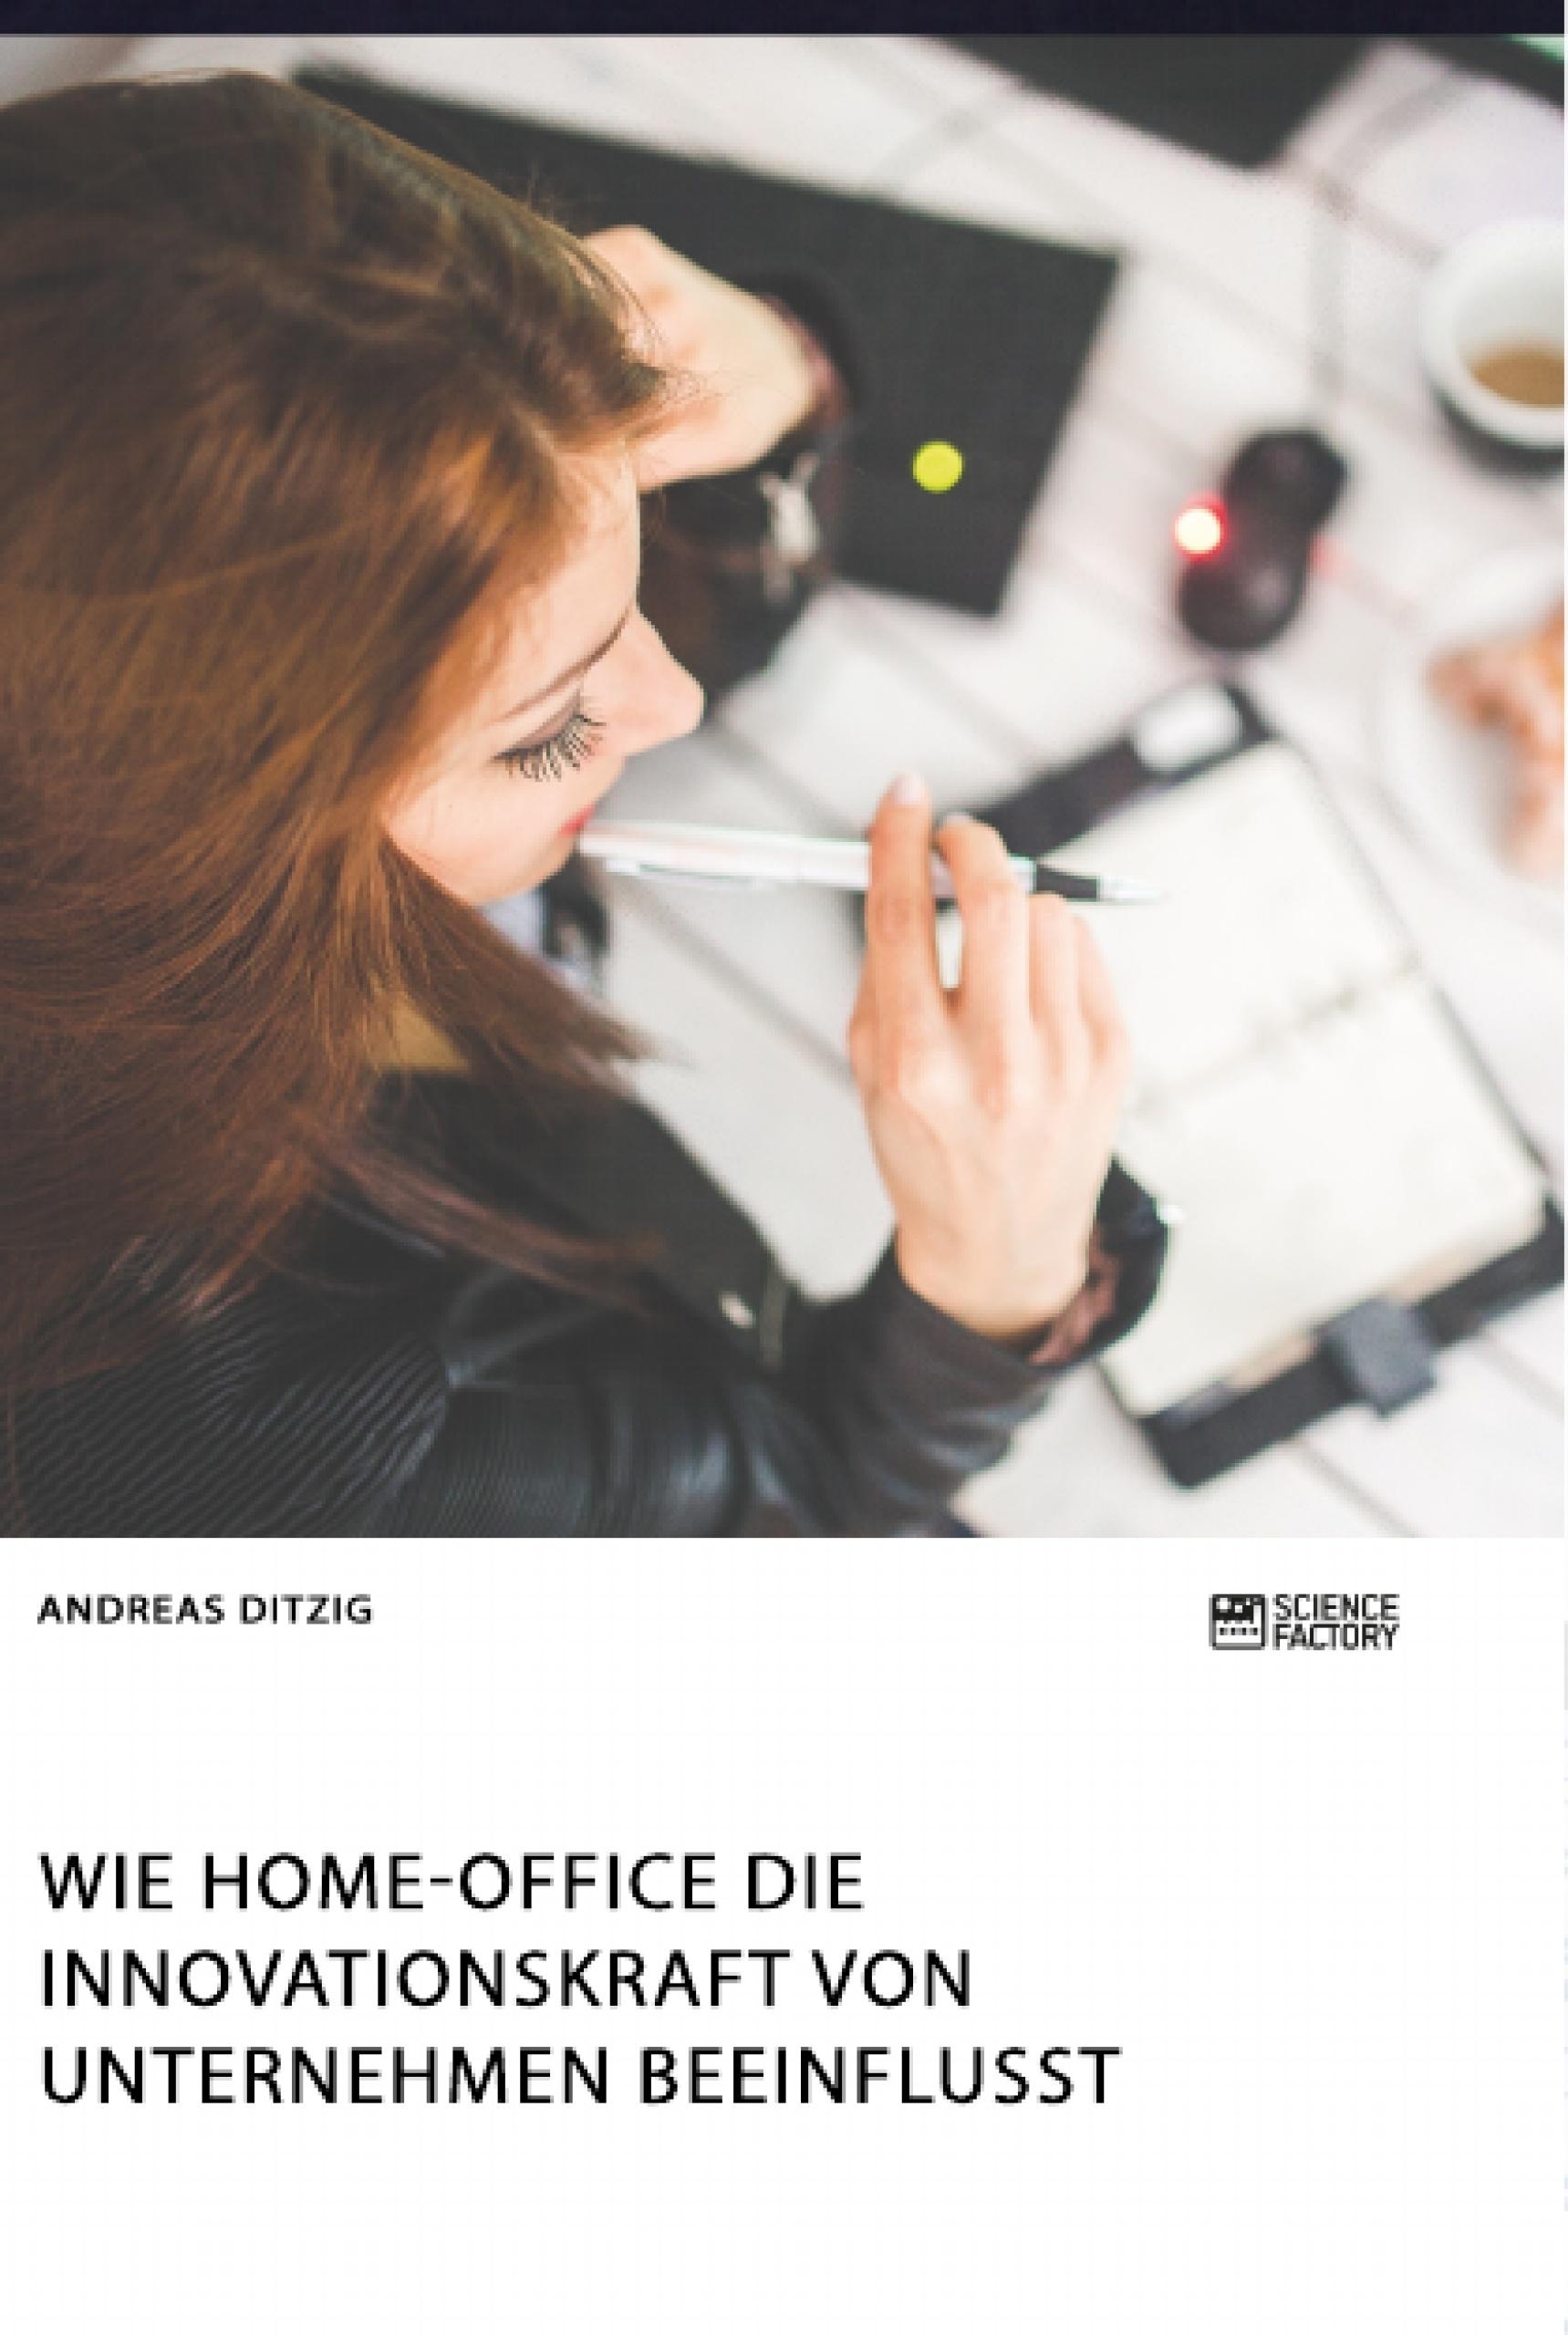 Titel: Wie Home-Office die Innovationskraft von Unternehmen beeinflusst